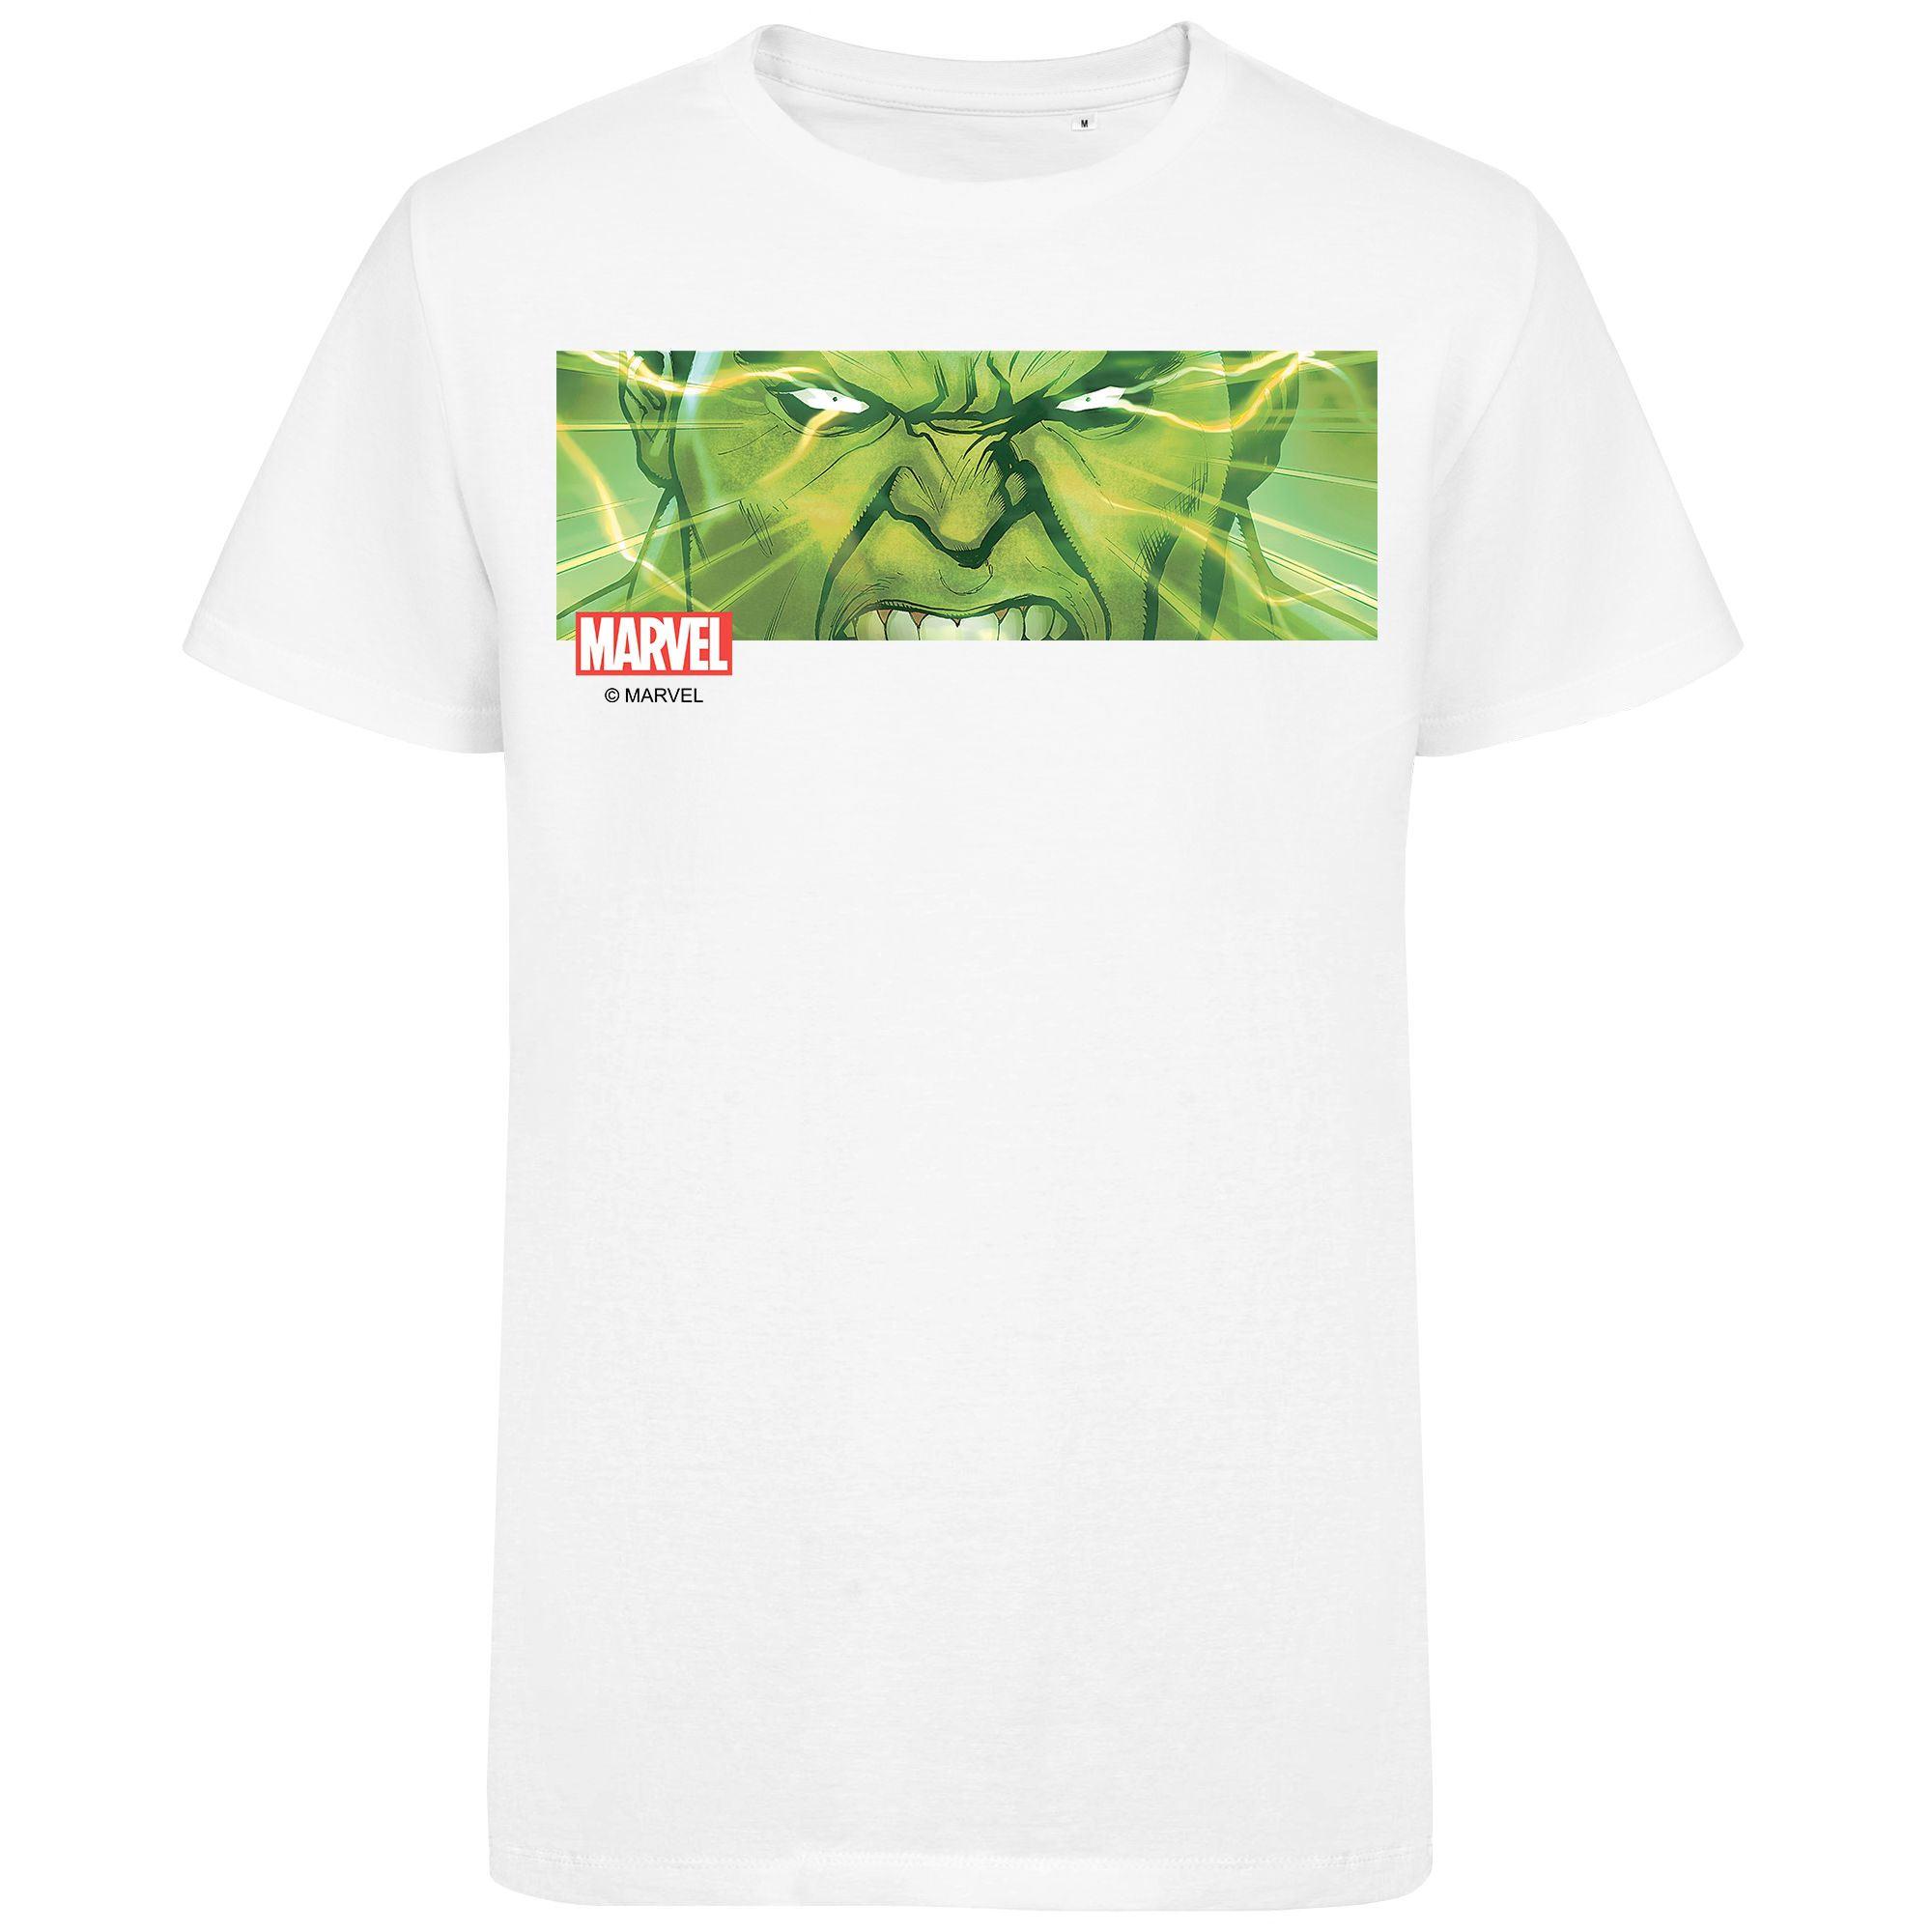 Футболка Hulk Energy, белая арт 55563.60